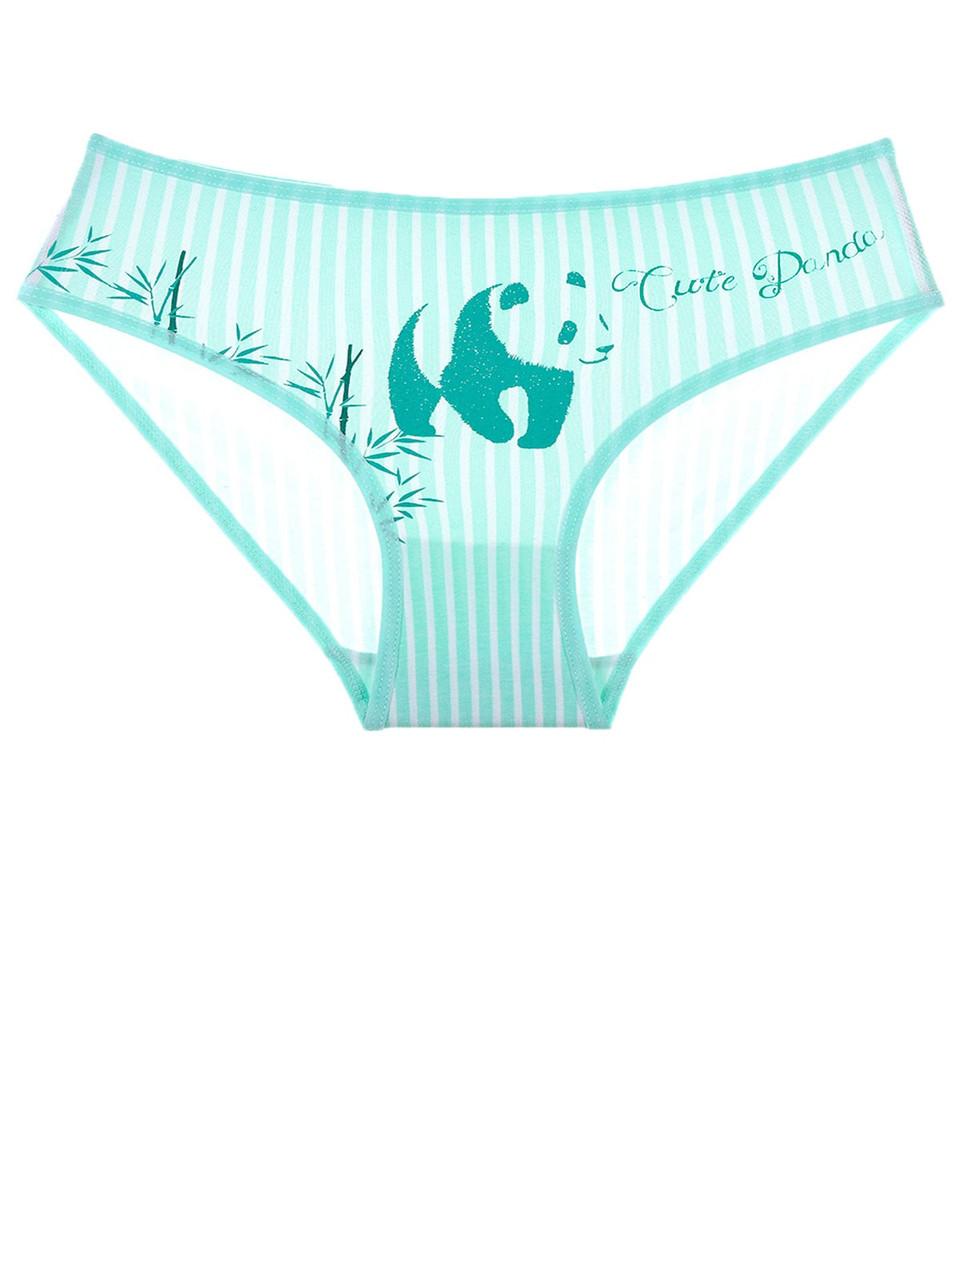 Трусы для девочки с рисунком панды Зеленый 80-86 (1-1,5 года) Donella Турция